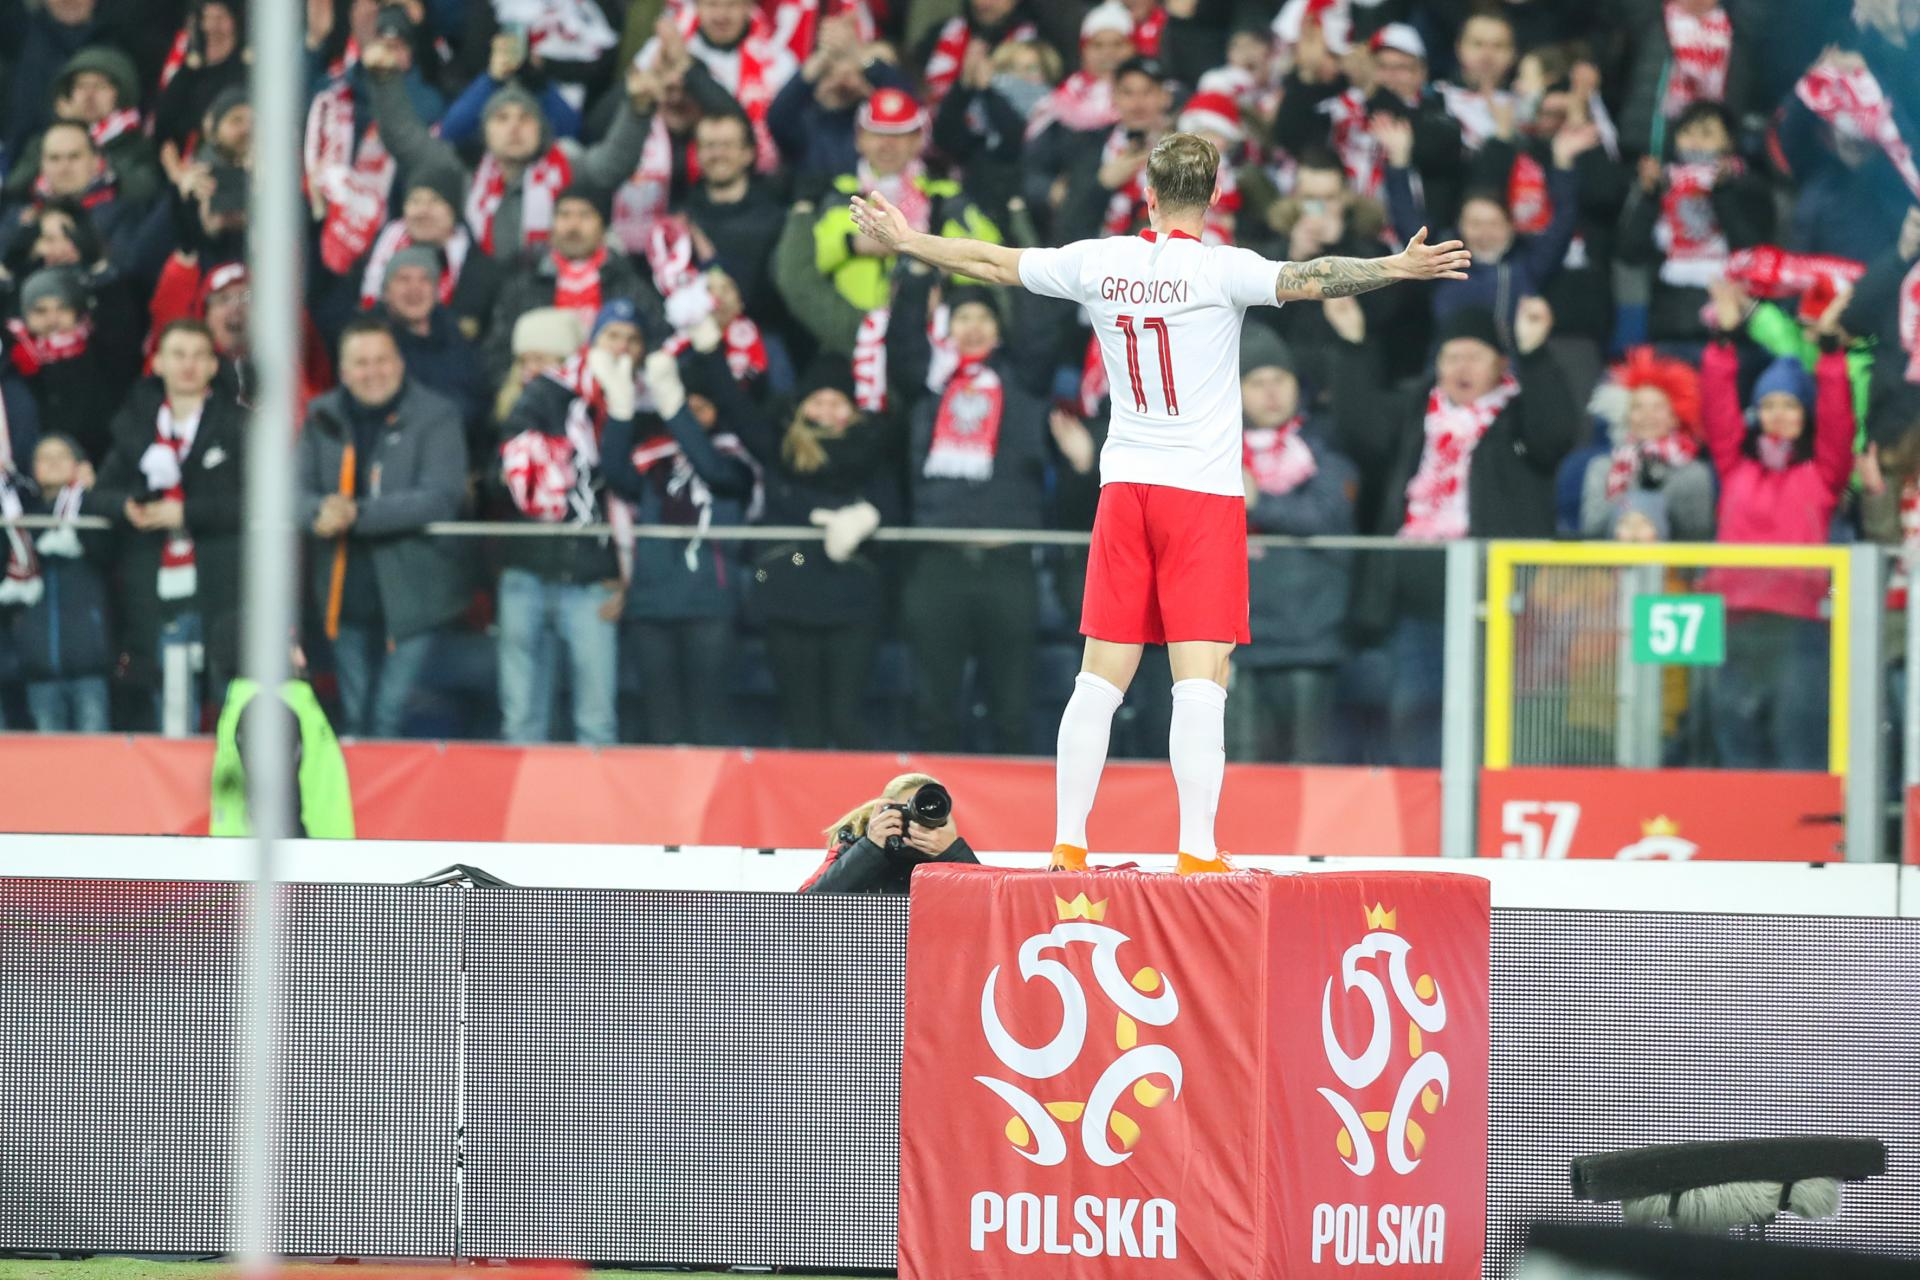 """Kamil Grosicki niczym Chrystus ze Świebodzina. """"Grosik"""" w taki sposób uczcił gola, którego strzelił w ostatnich sekundach pierwszej połowy."""